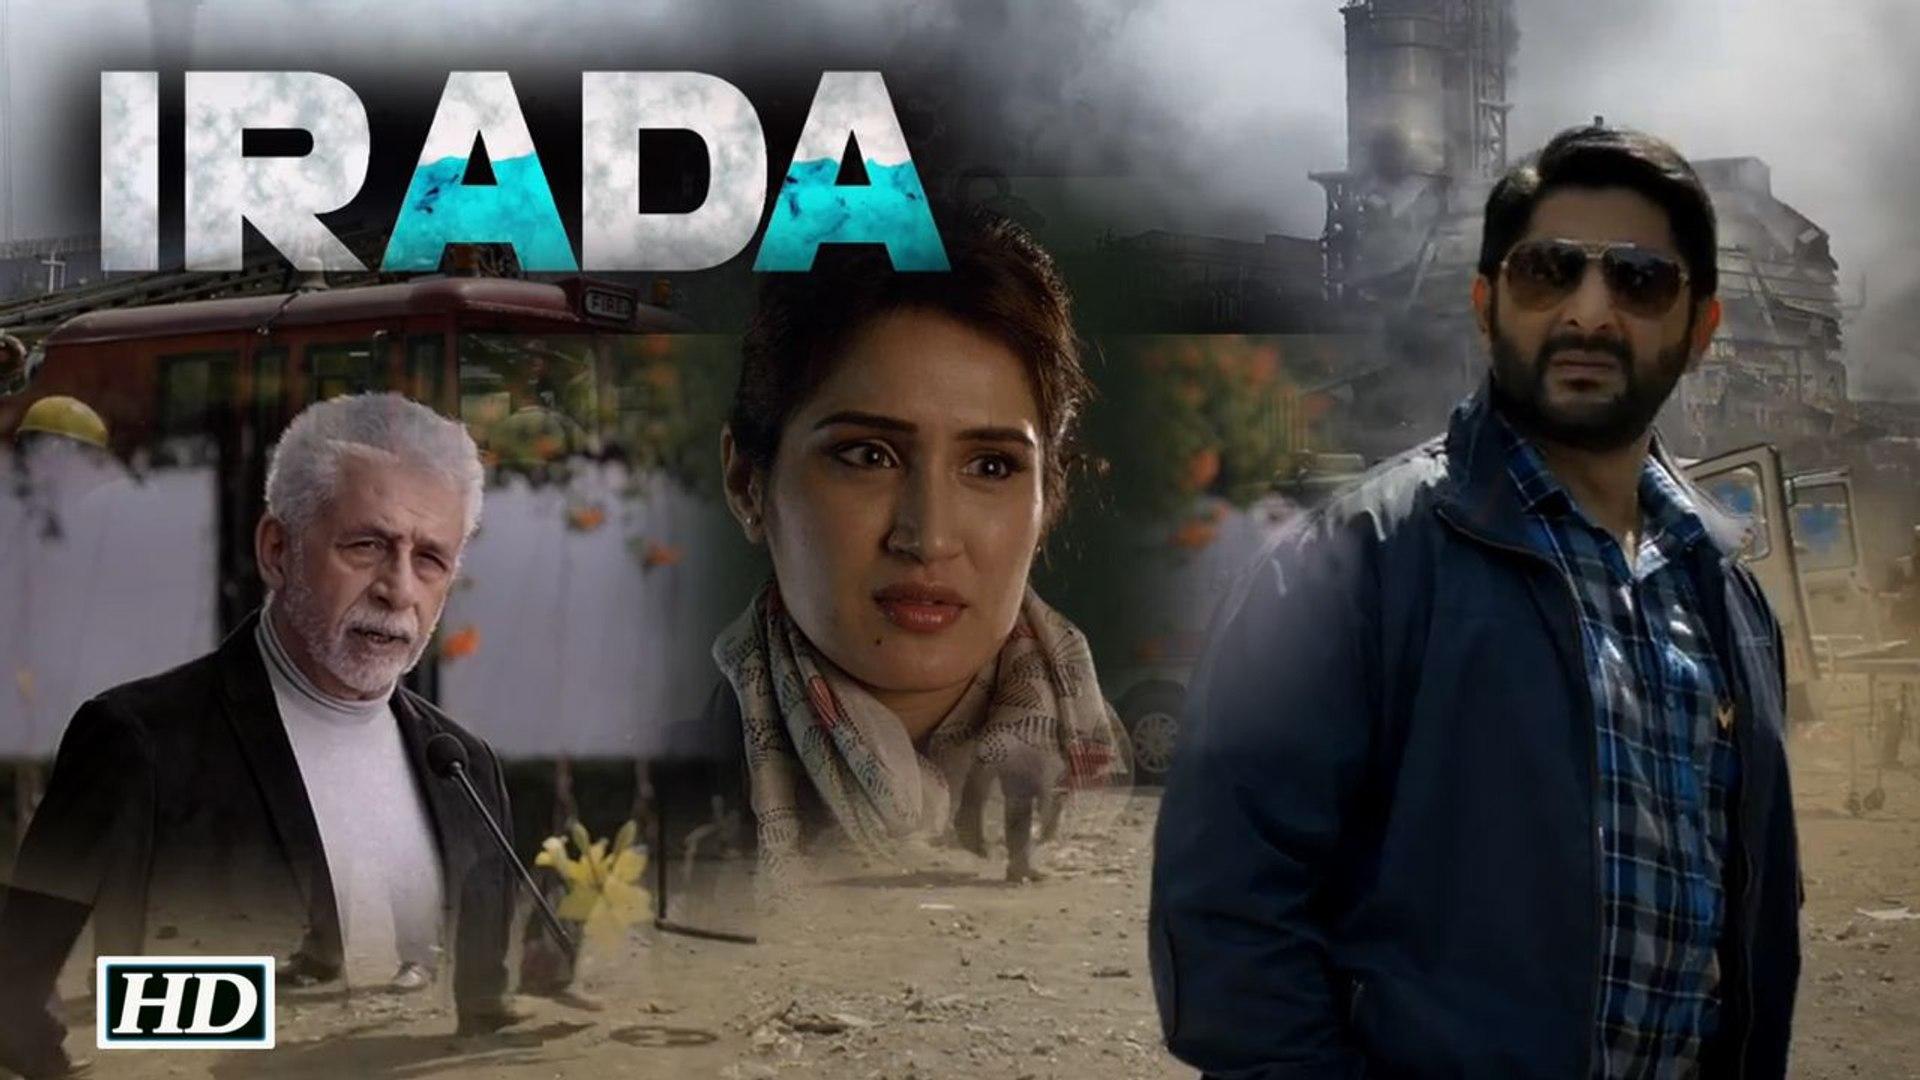 'Irada' Trailer | Arshad Warsi, Naseeruddin Shah, Divya Dutta